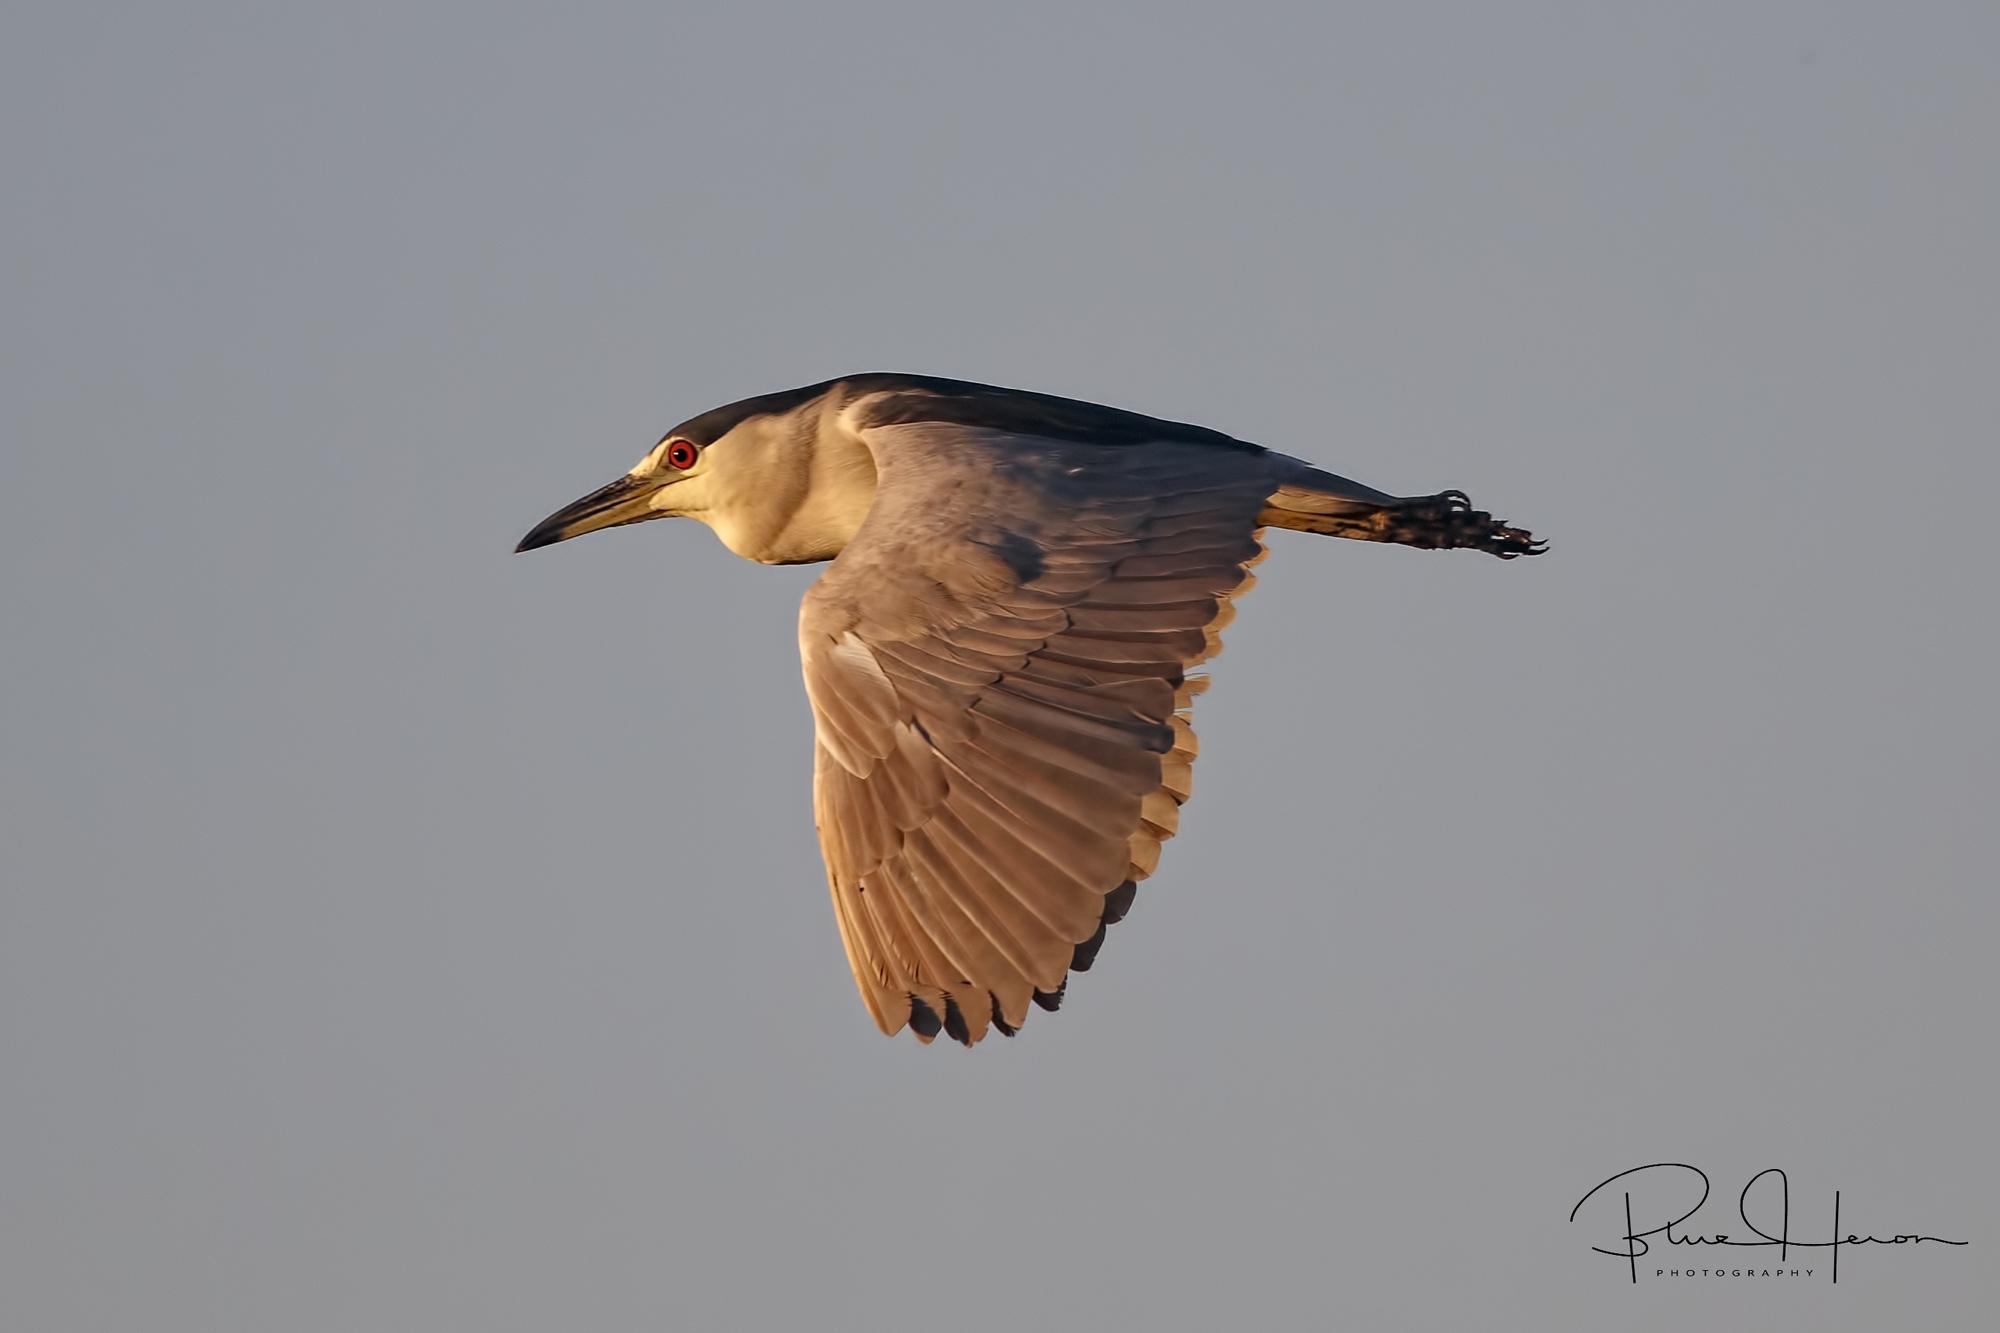 A Black-crowned Night Heron flies over the Broward